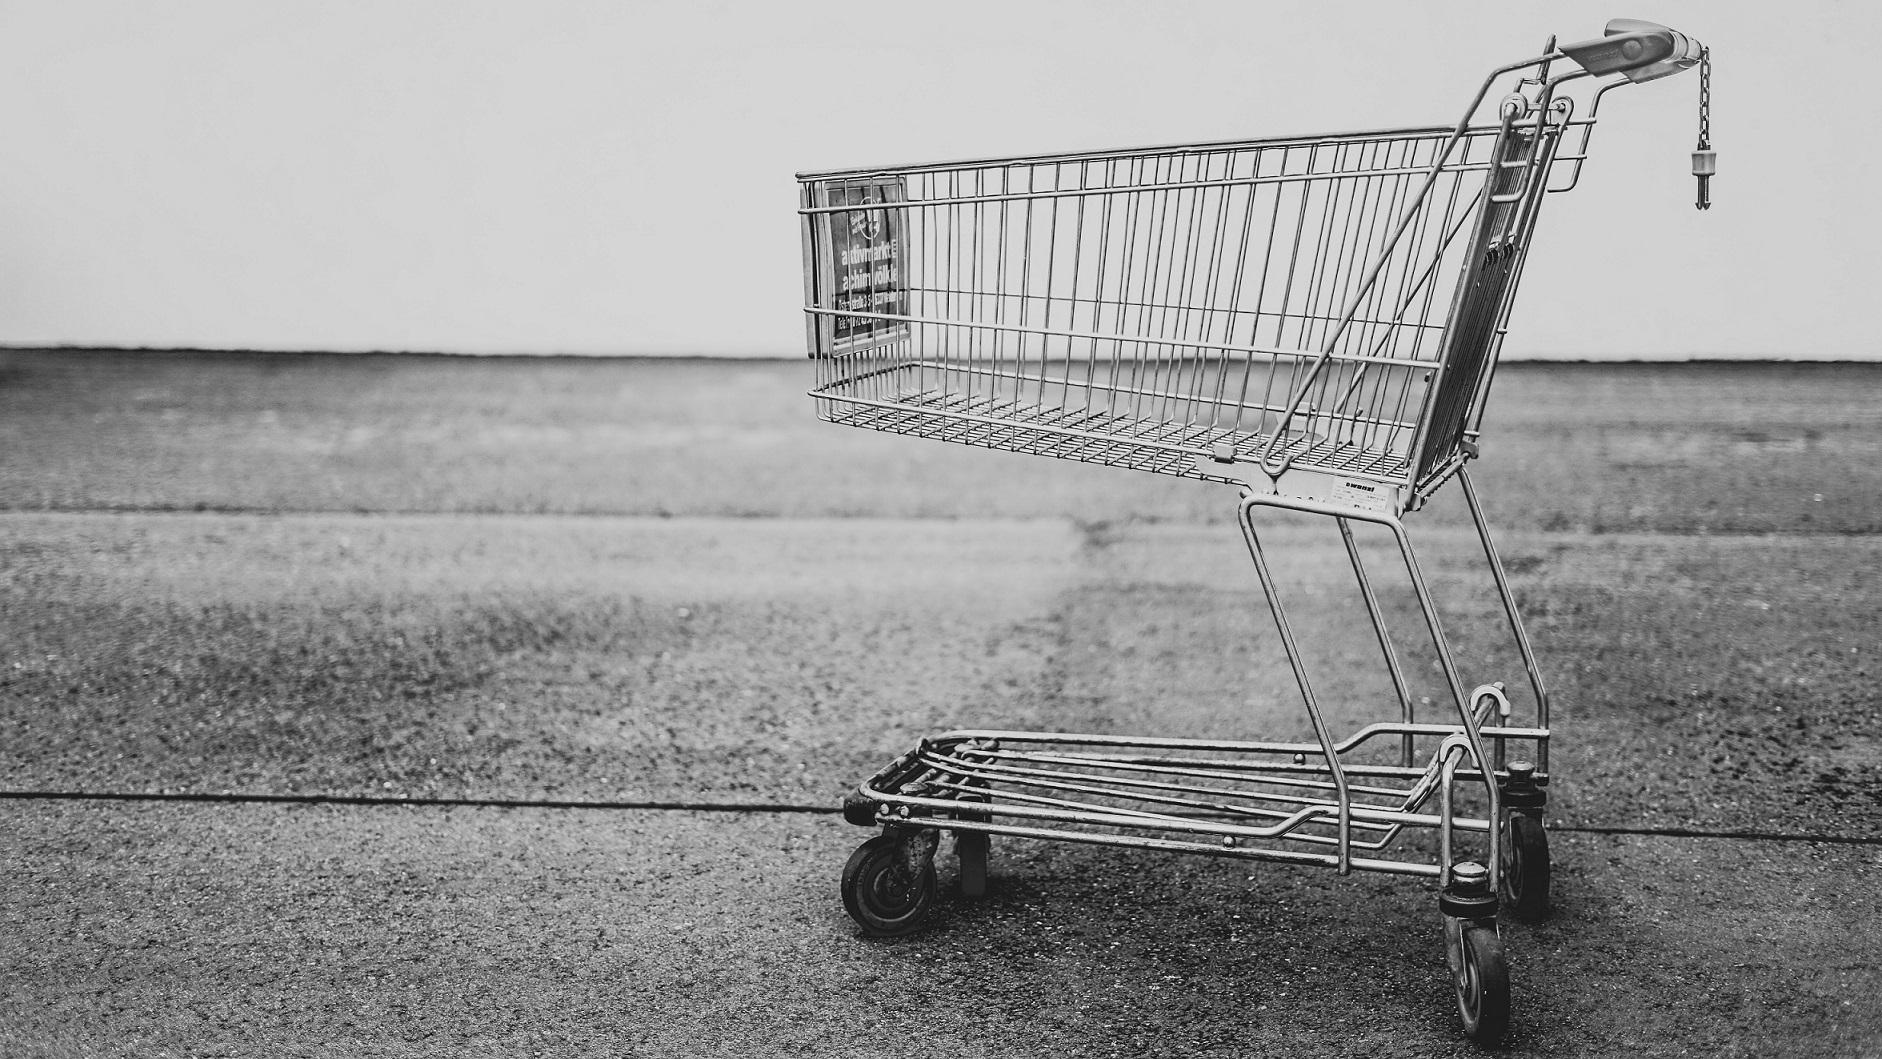 Porzucone koszyki zakupowe – jak ratować?